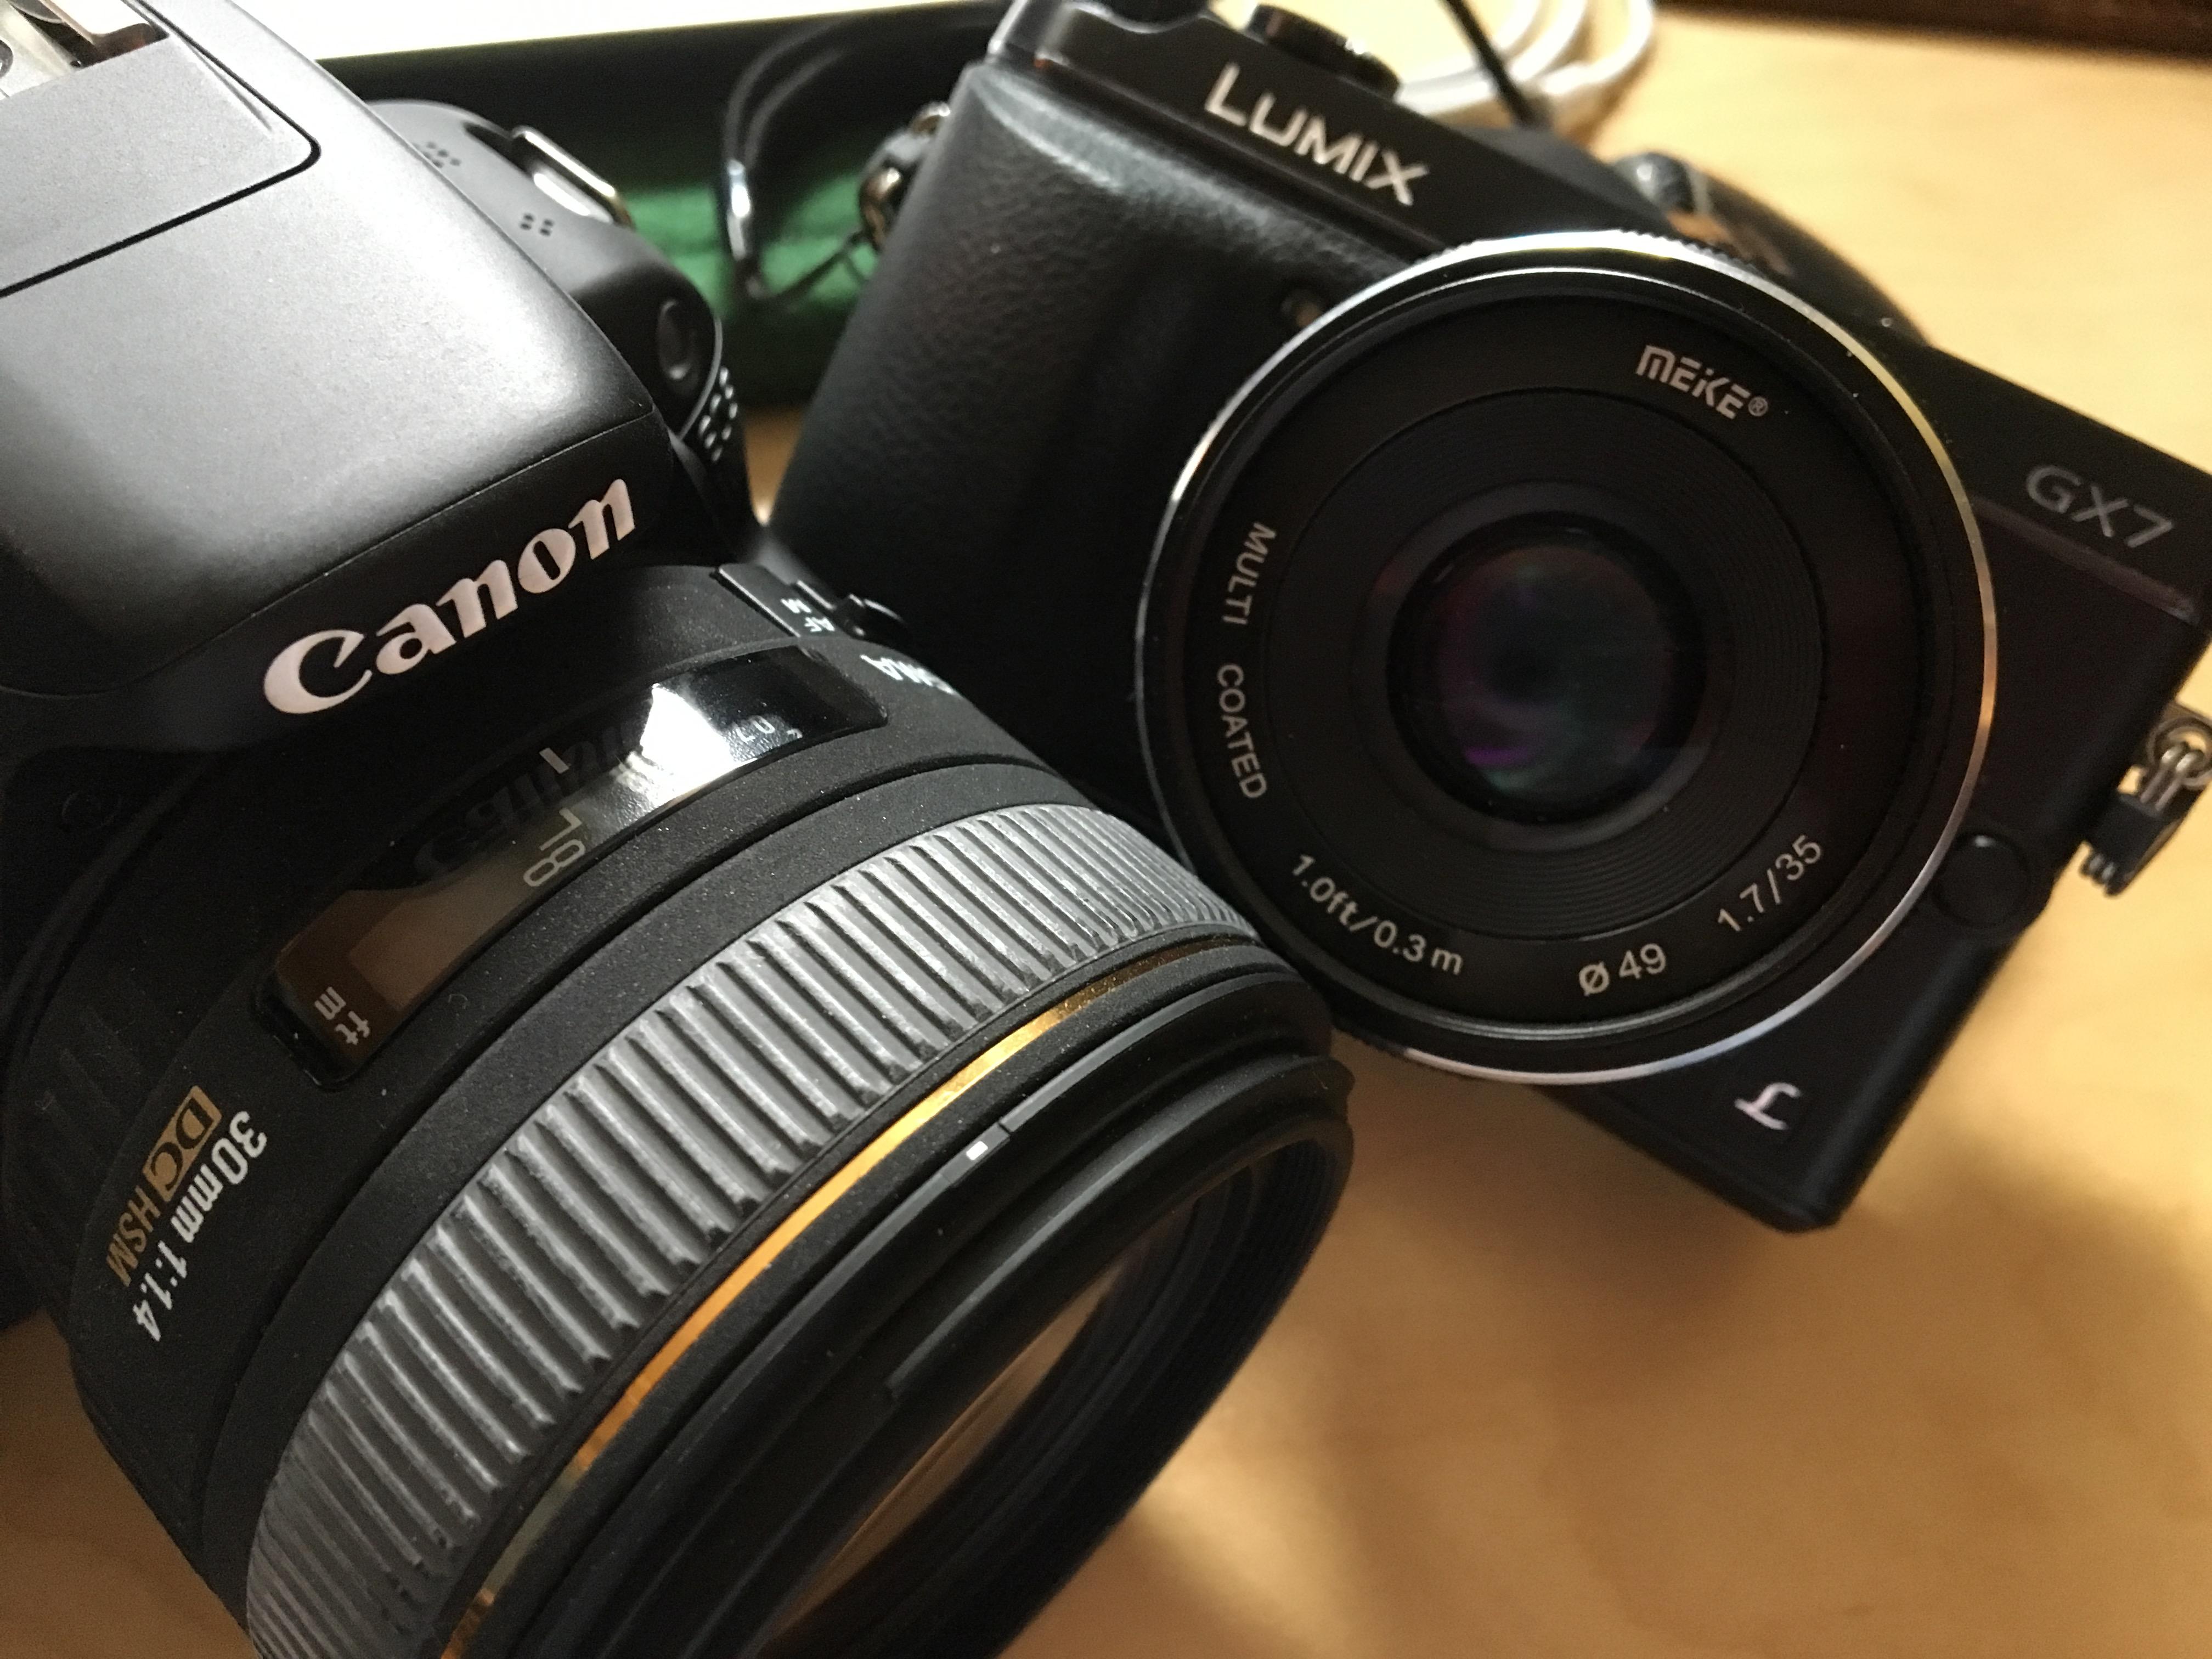 Bokeh mit Canon, Sigma, Lumix und Meike